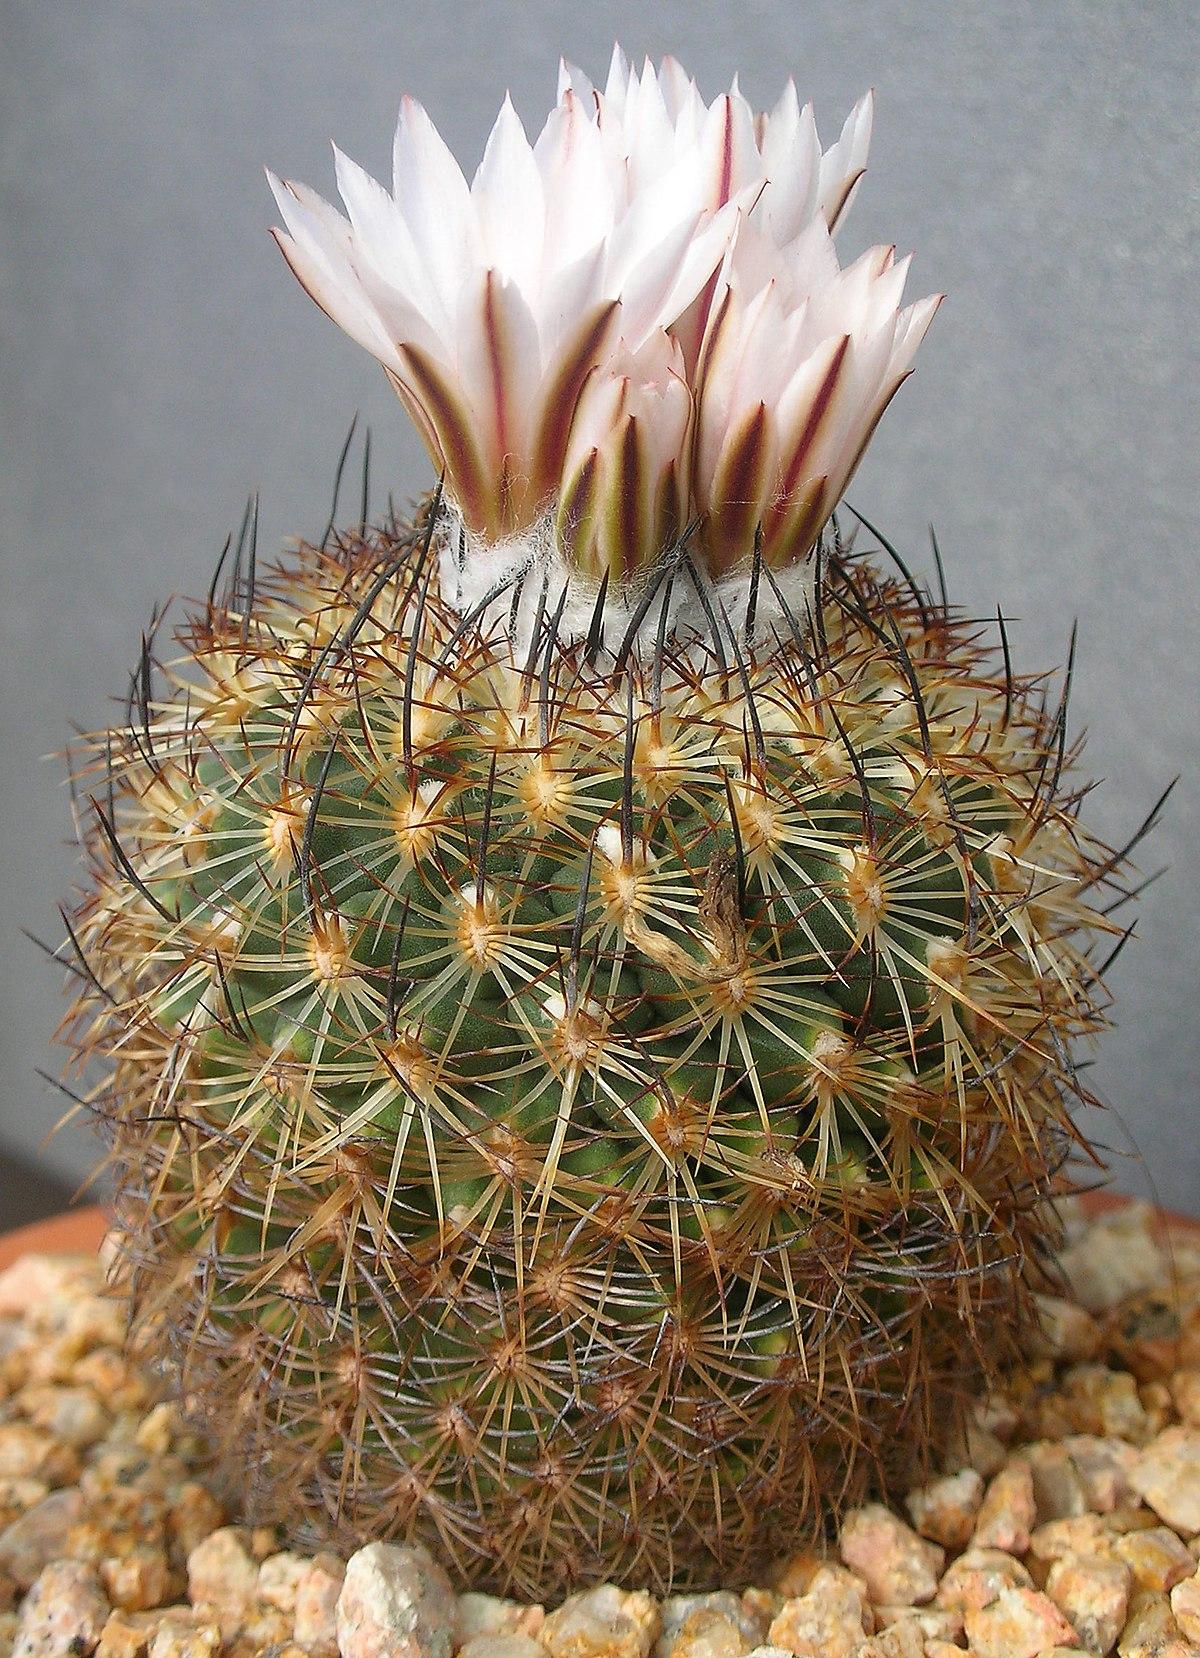 turbinicarpus ysabelae